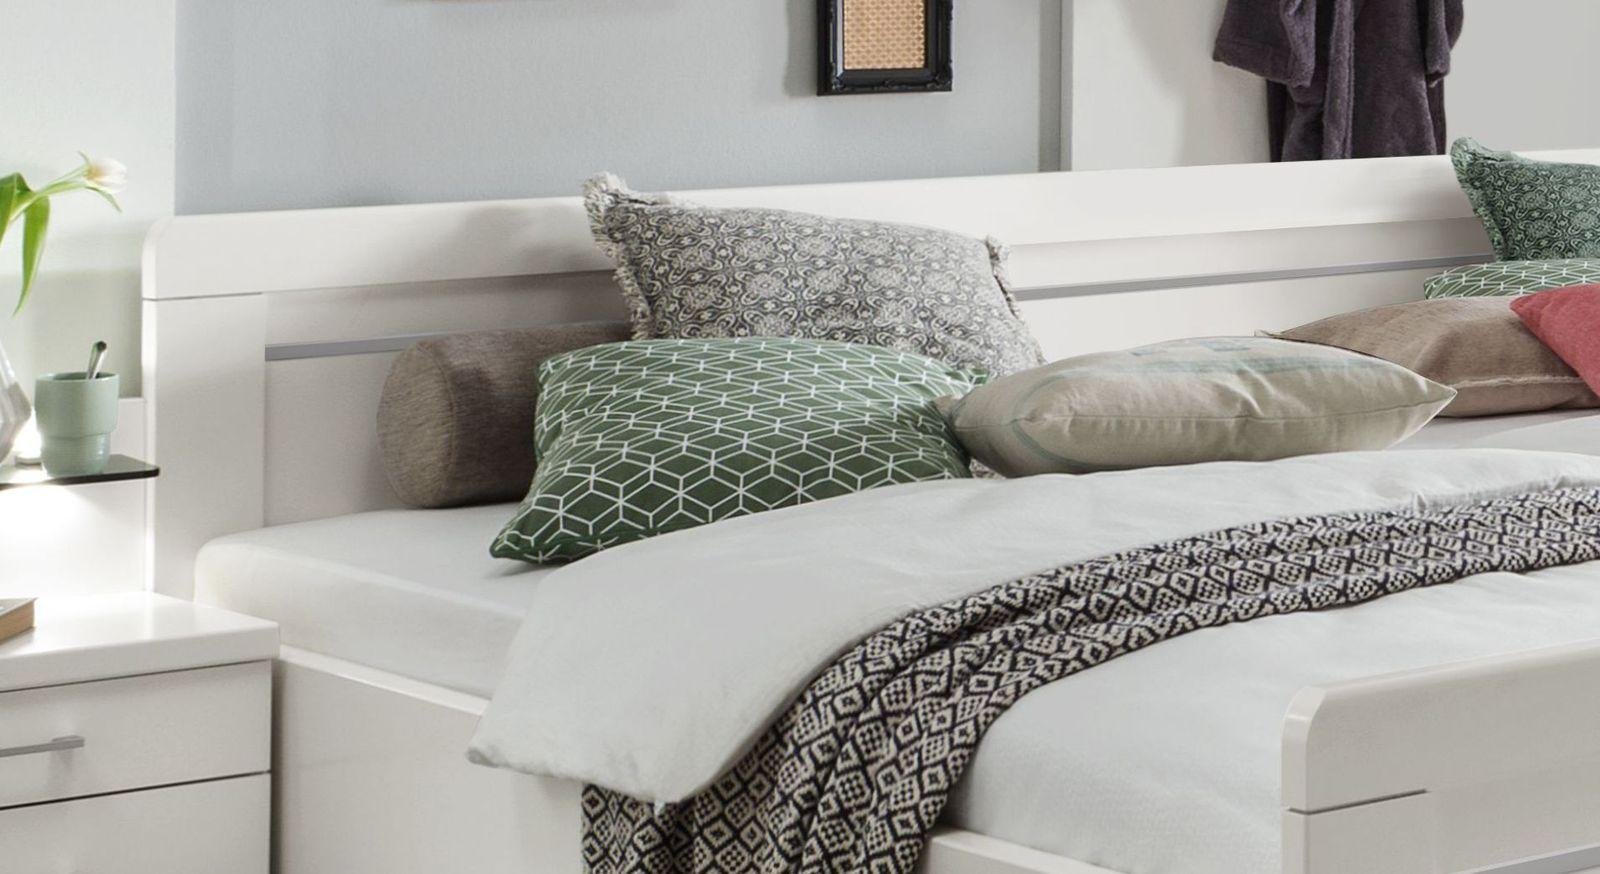 Senioren-Doppelbett Calimera mit durchgängiger Zierleiste am Kopfteil